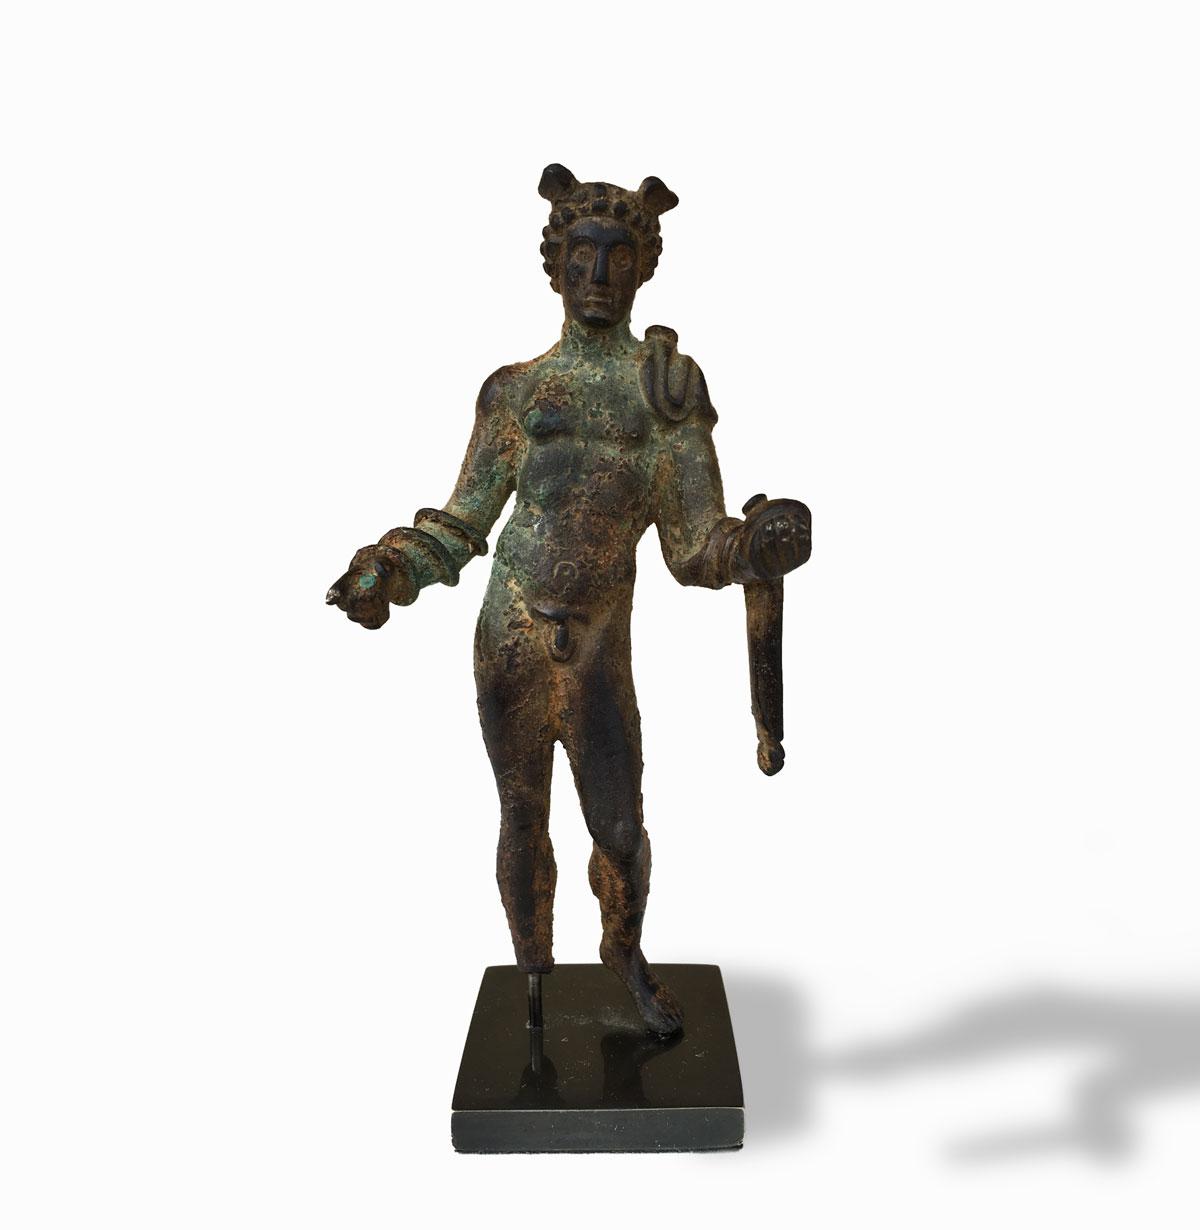 magasin antiquités grasse, brocanteur grasse, archéologie romaine, gallo romaine et egyptienne, bronze romain, marbre romain, sculpture, statue, art ancien, objets